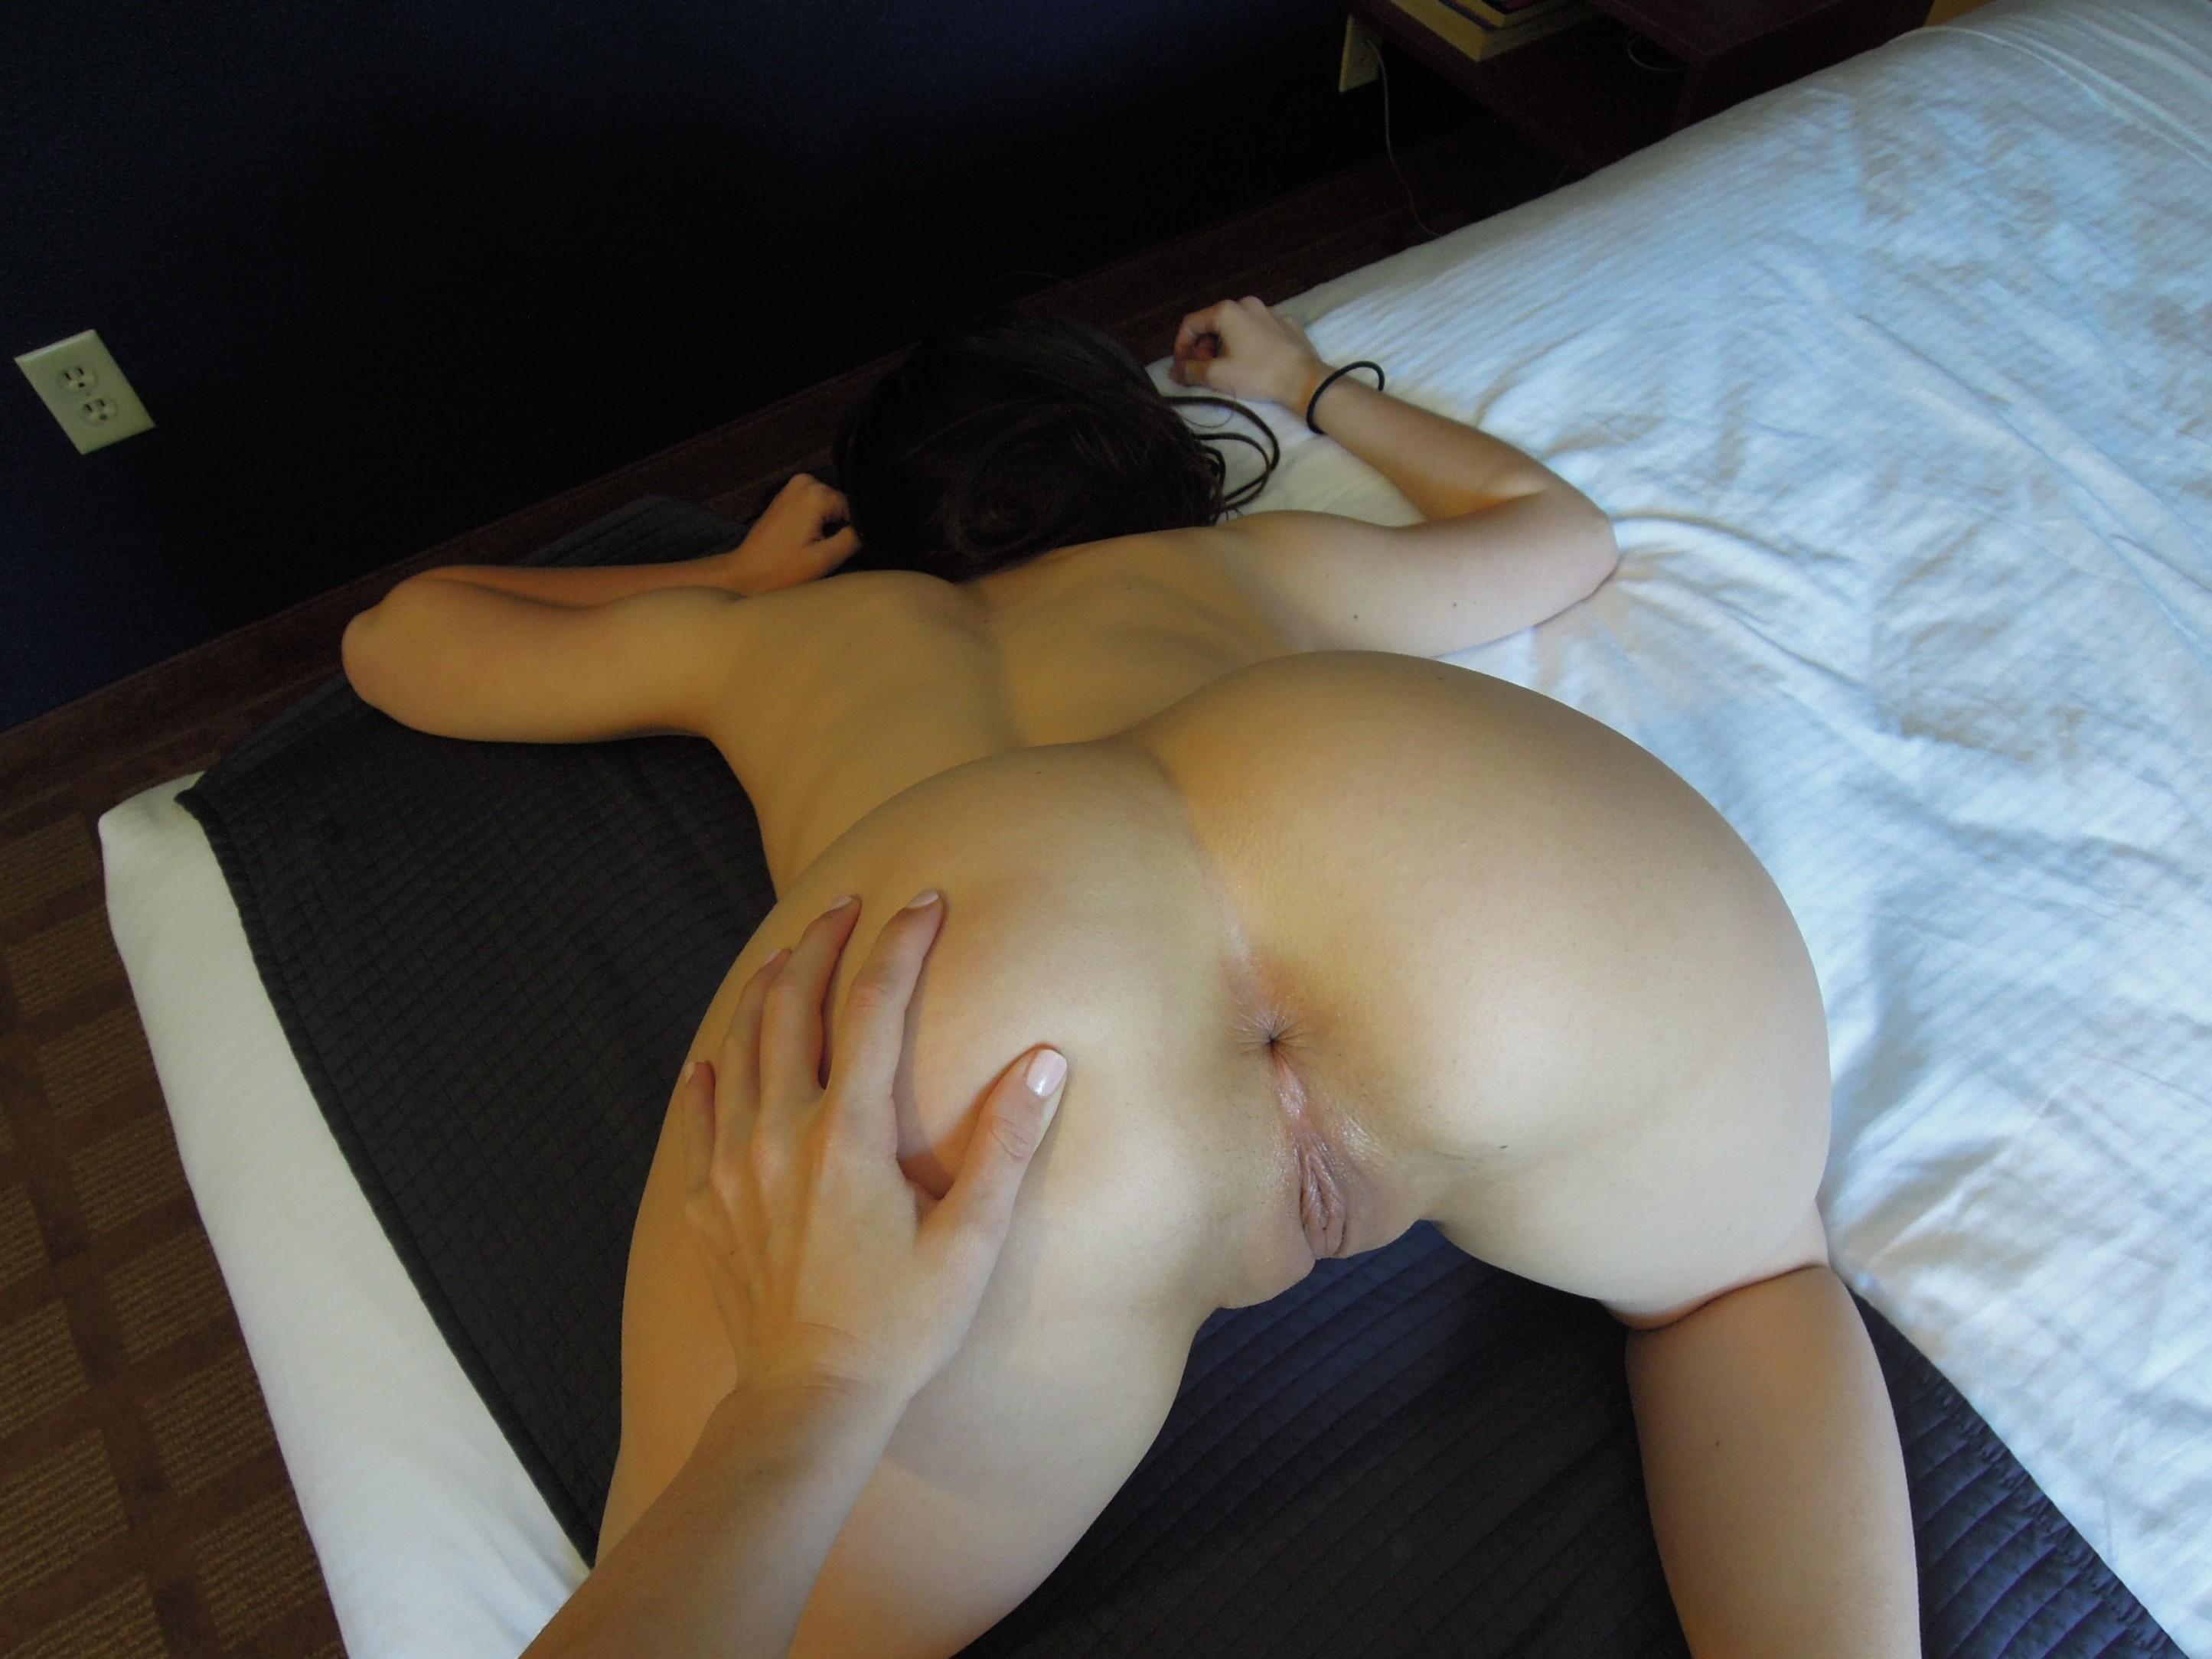 Девушки уединились в гостиничном номере